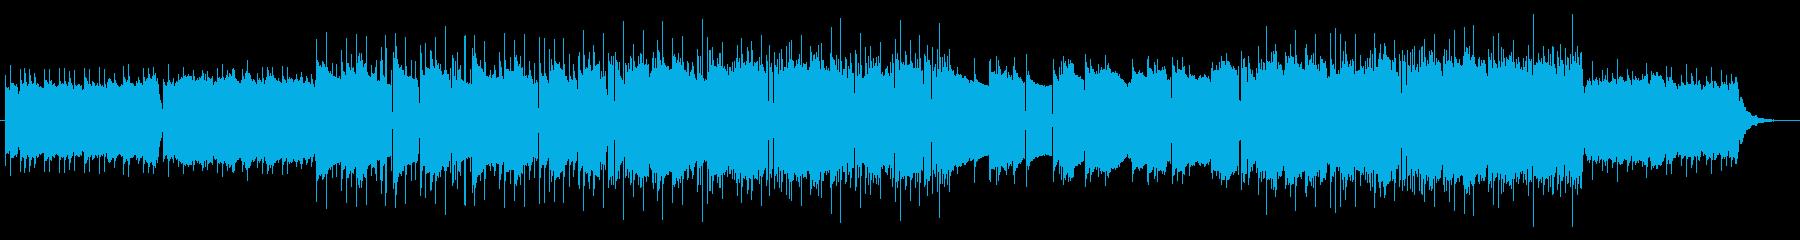 暖かい雰囲気のローファイヒップホップの再生済みの波形